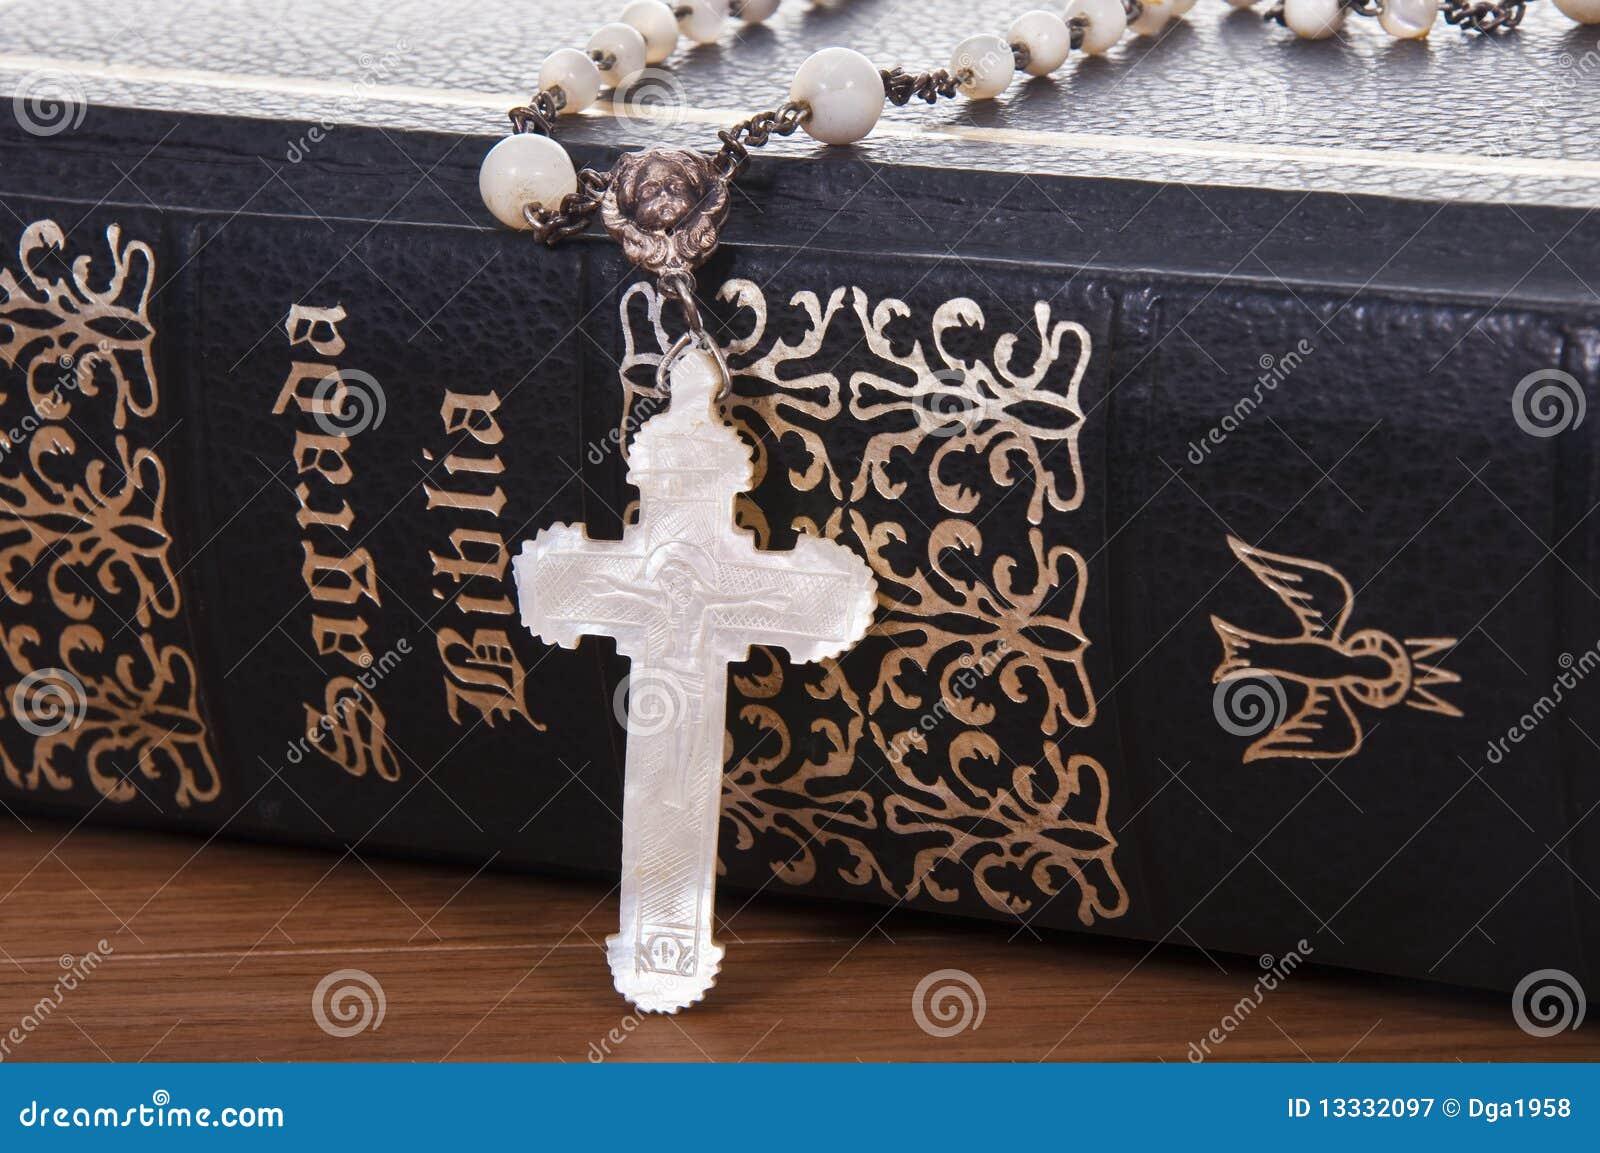 La bible sainte